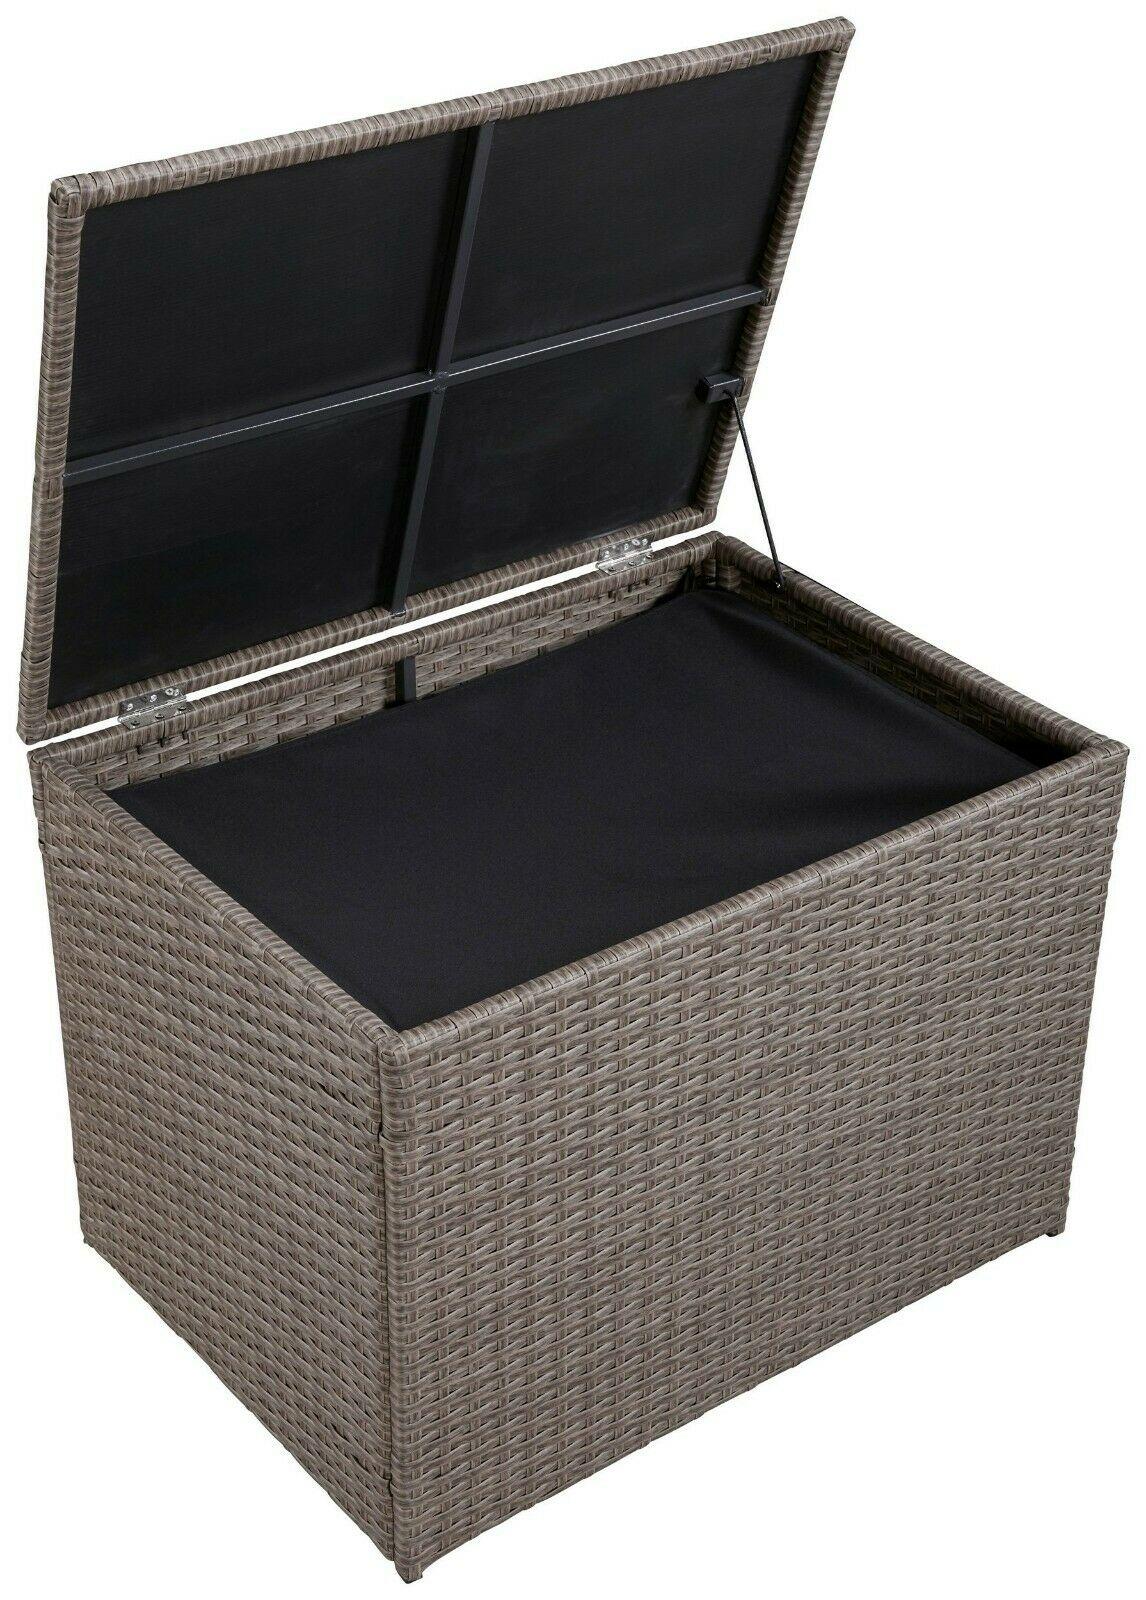 Genial Auflagenbox Polyrattan Sammlung Von Wohndesign Stil